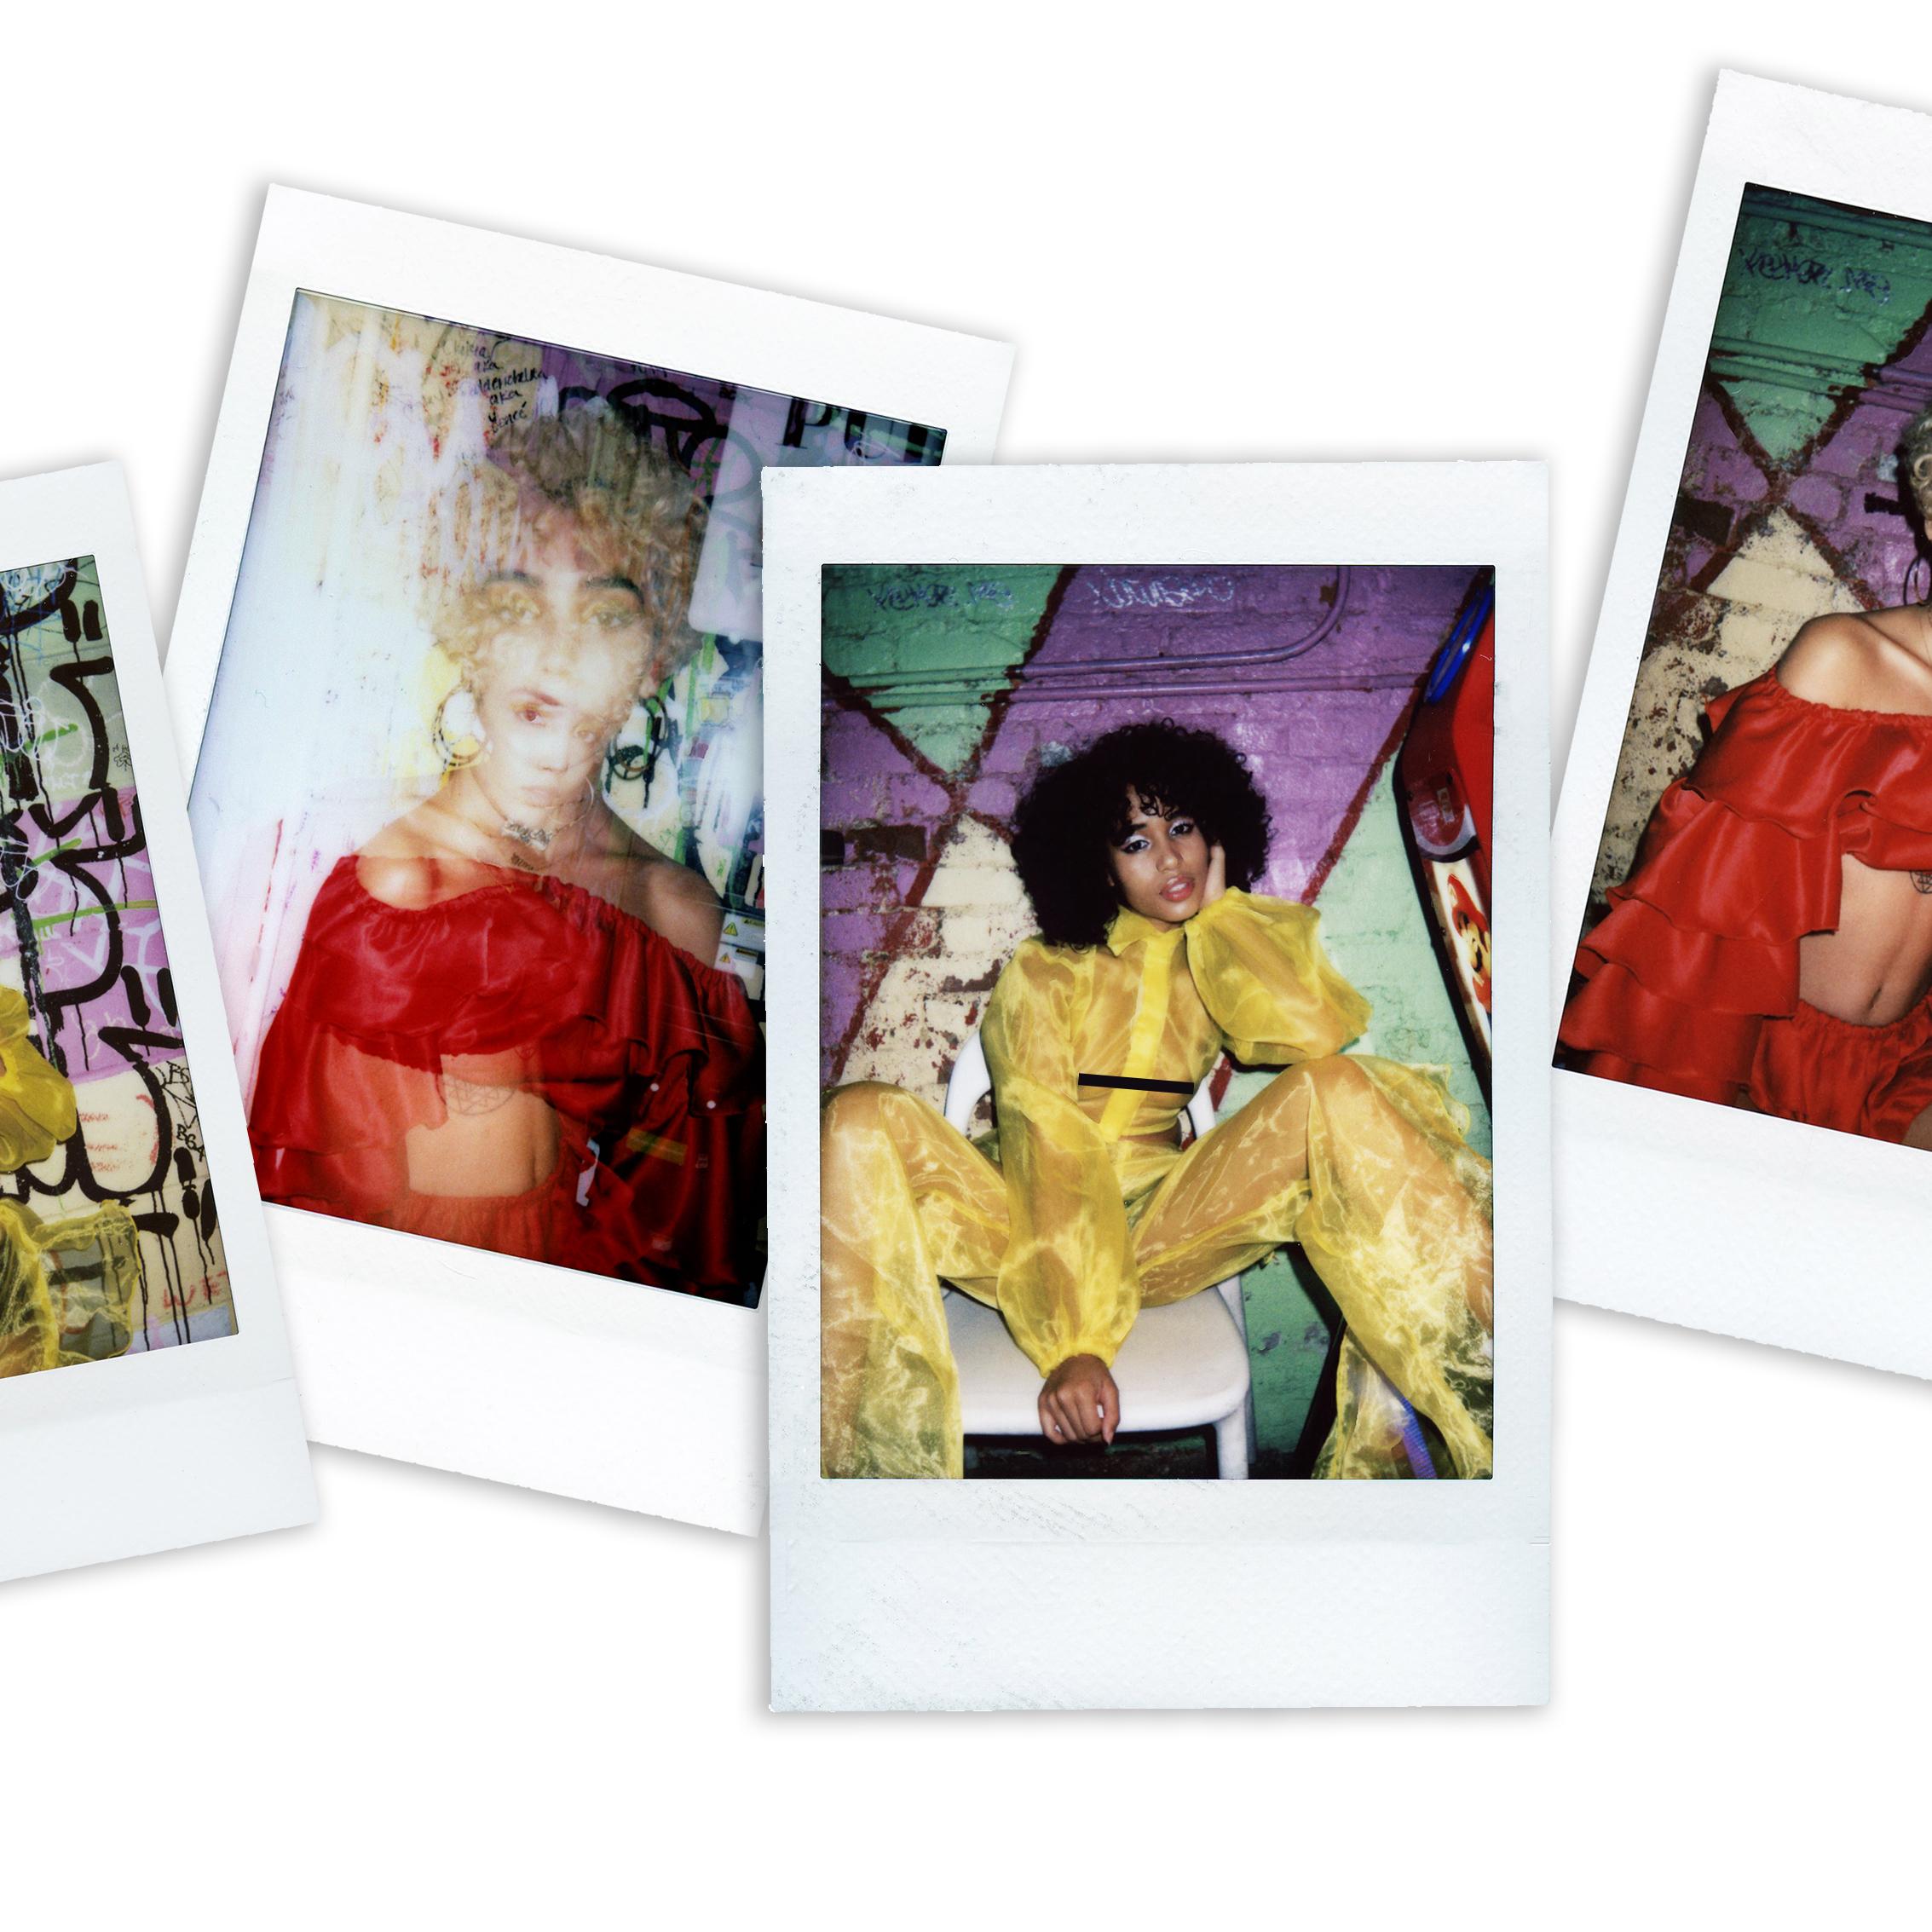 slashedbytia-collage-ig-2.jpg